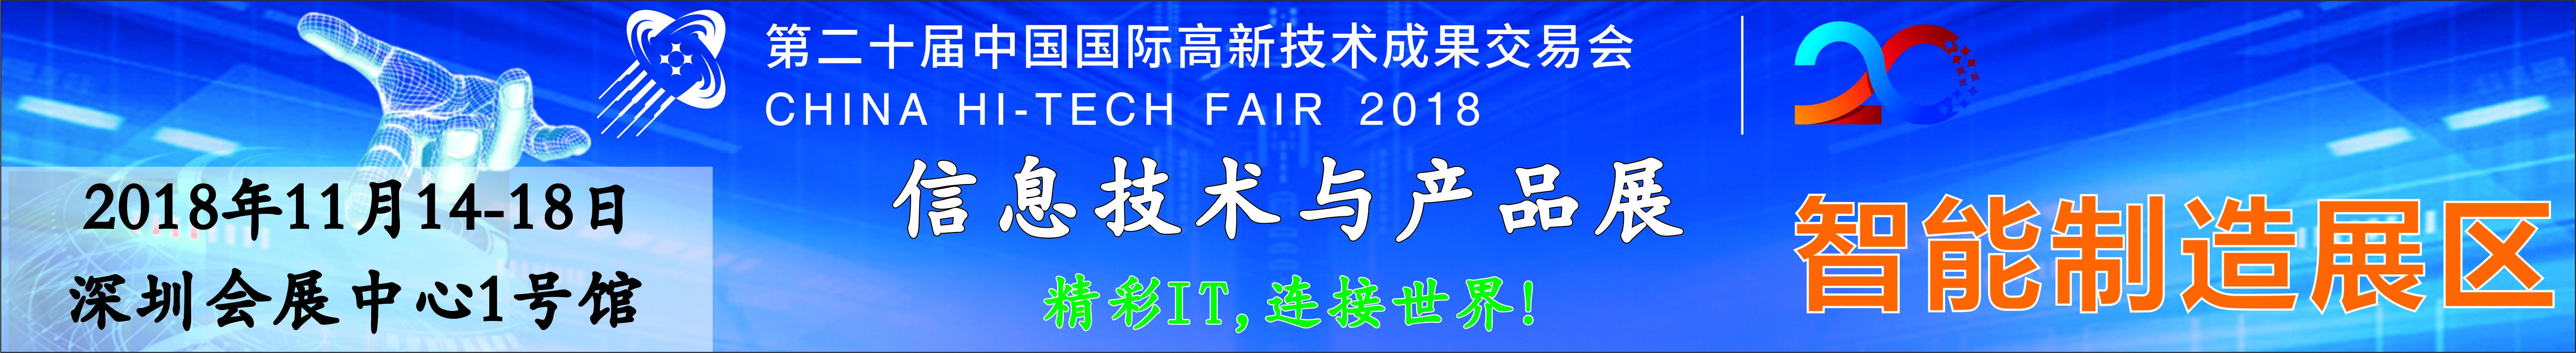 2018第二十届中国国际高新技术成果交易中心